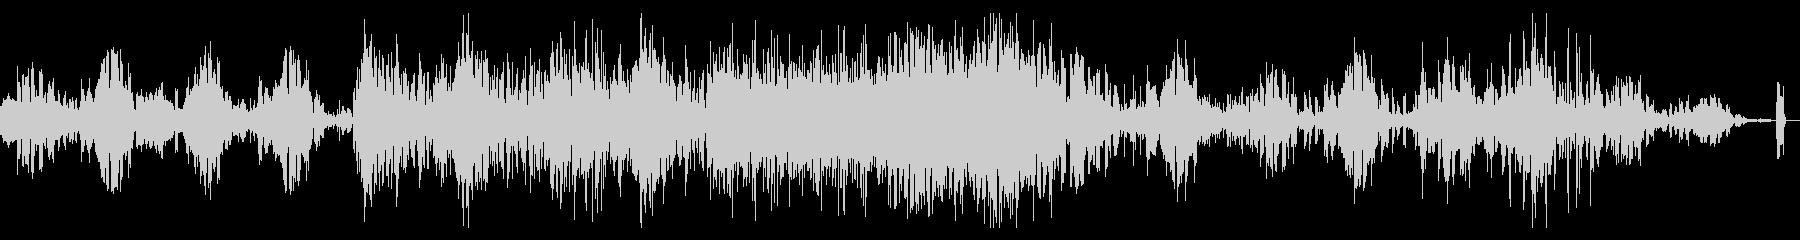 ディープでデジタルなシネマティックBGMの未再生の波形